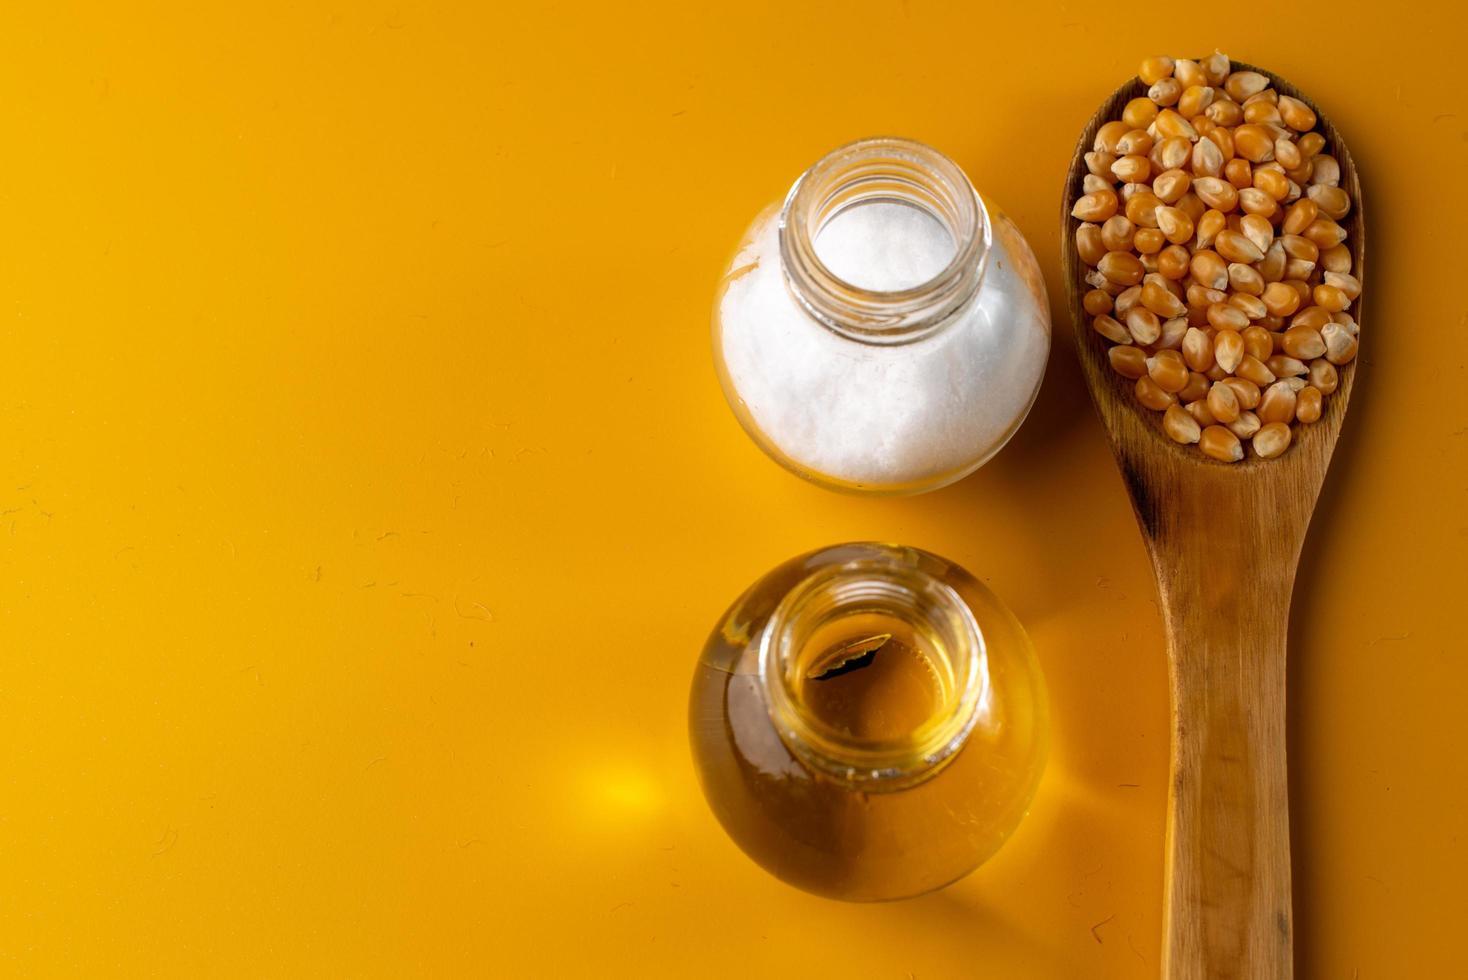 cuillerée de grains sur fond jaune photo